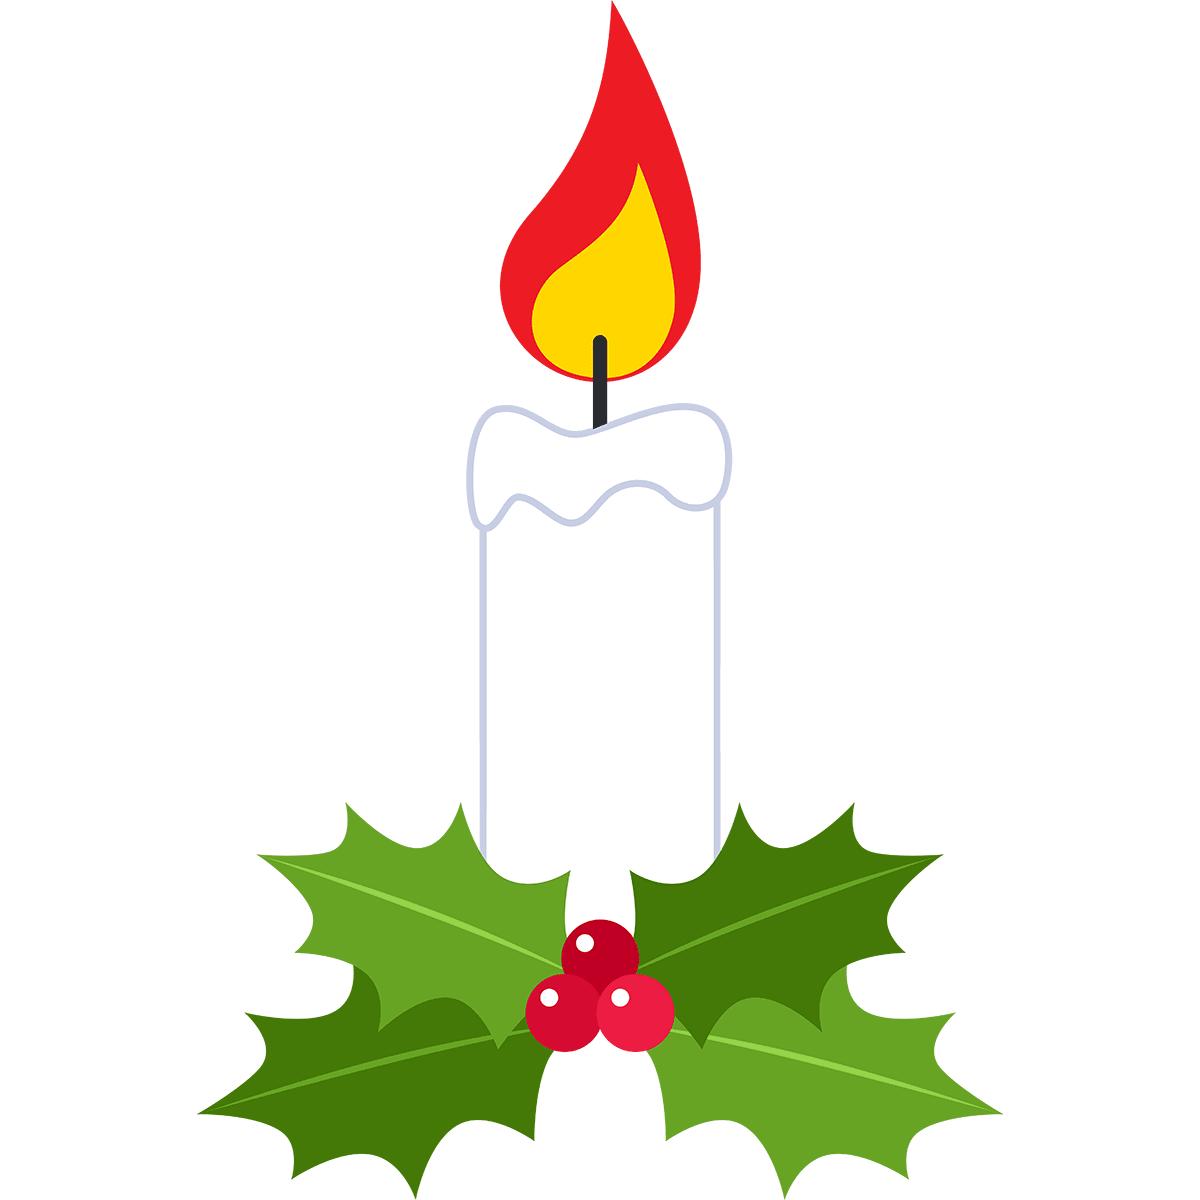 クリスマスキャンドルの無料イラスト